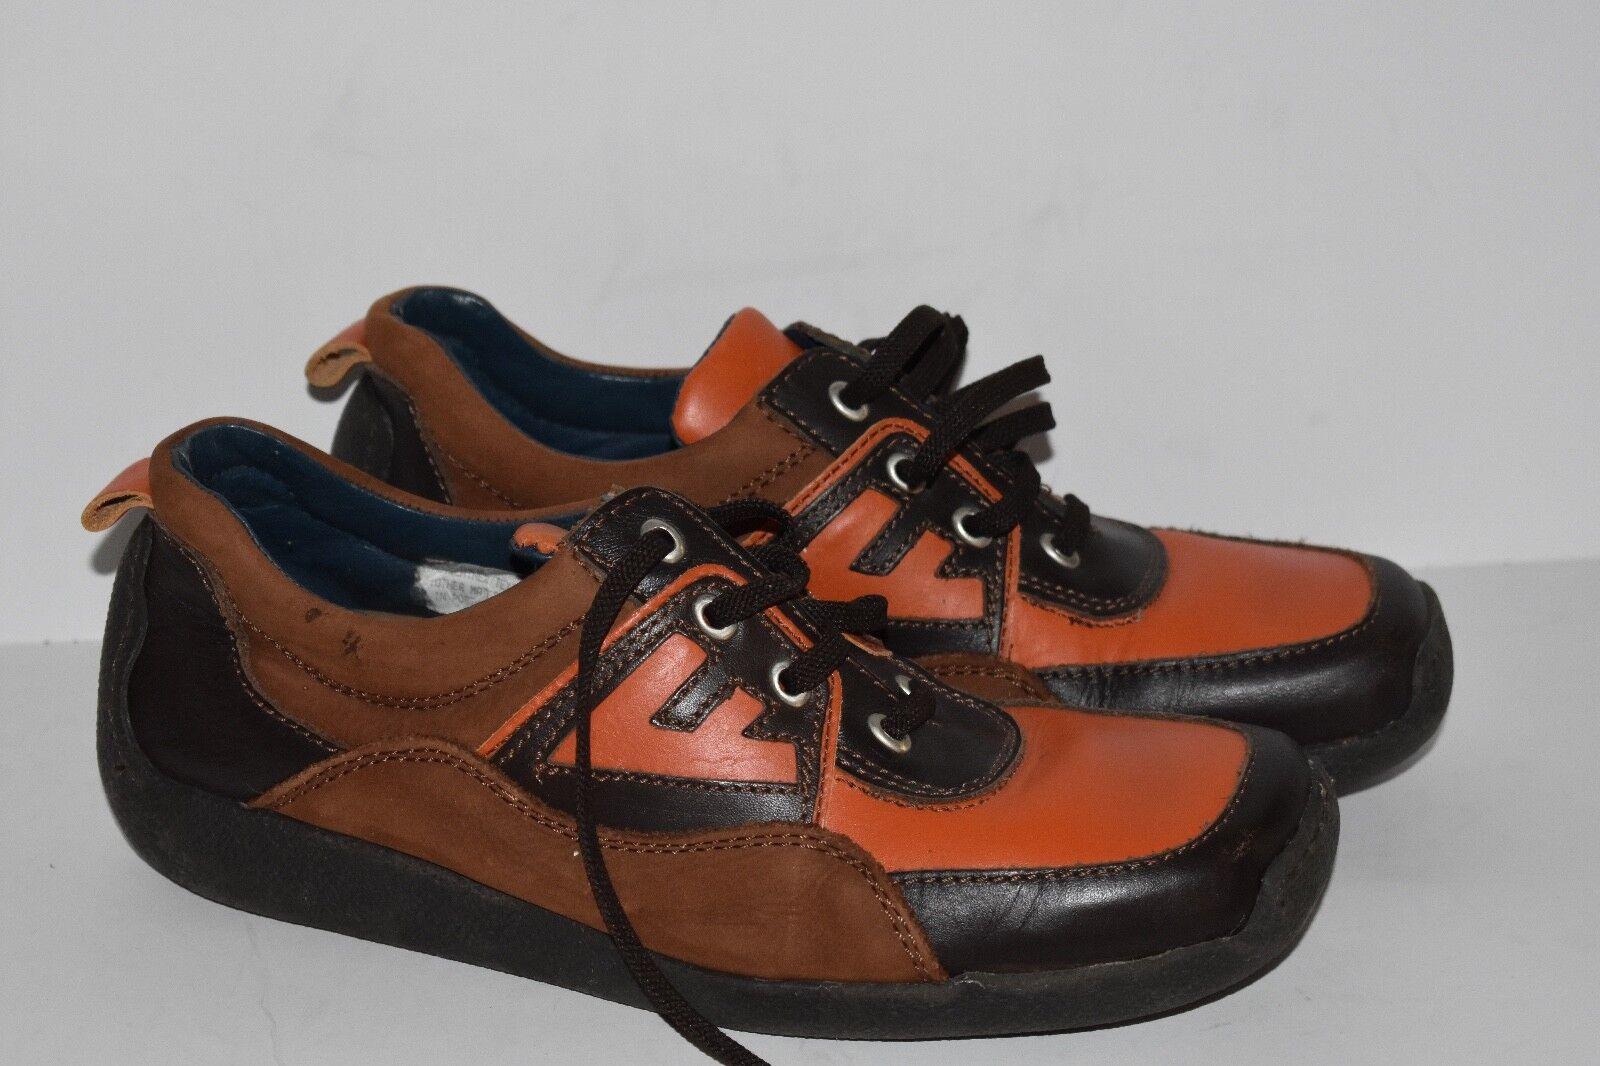 John Fluevog chaussures à Lacets Baskets sz 42 (US 9)